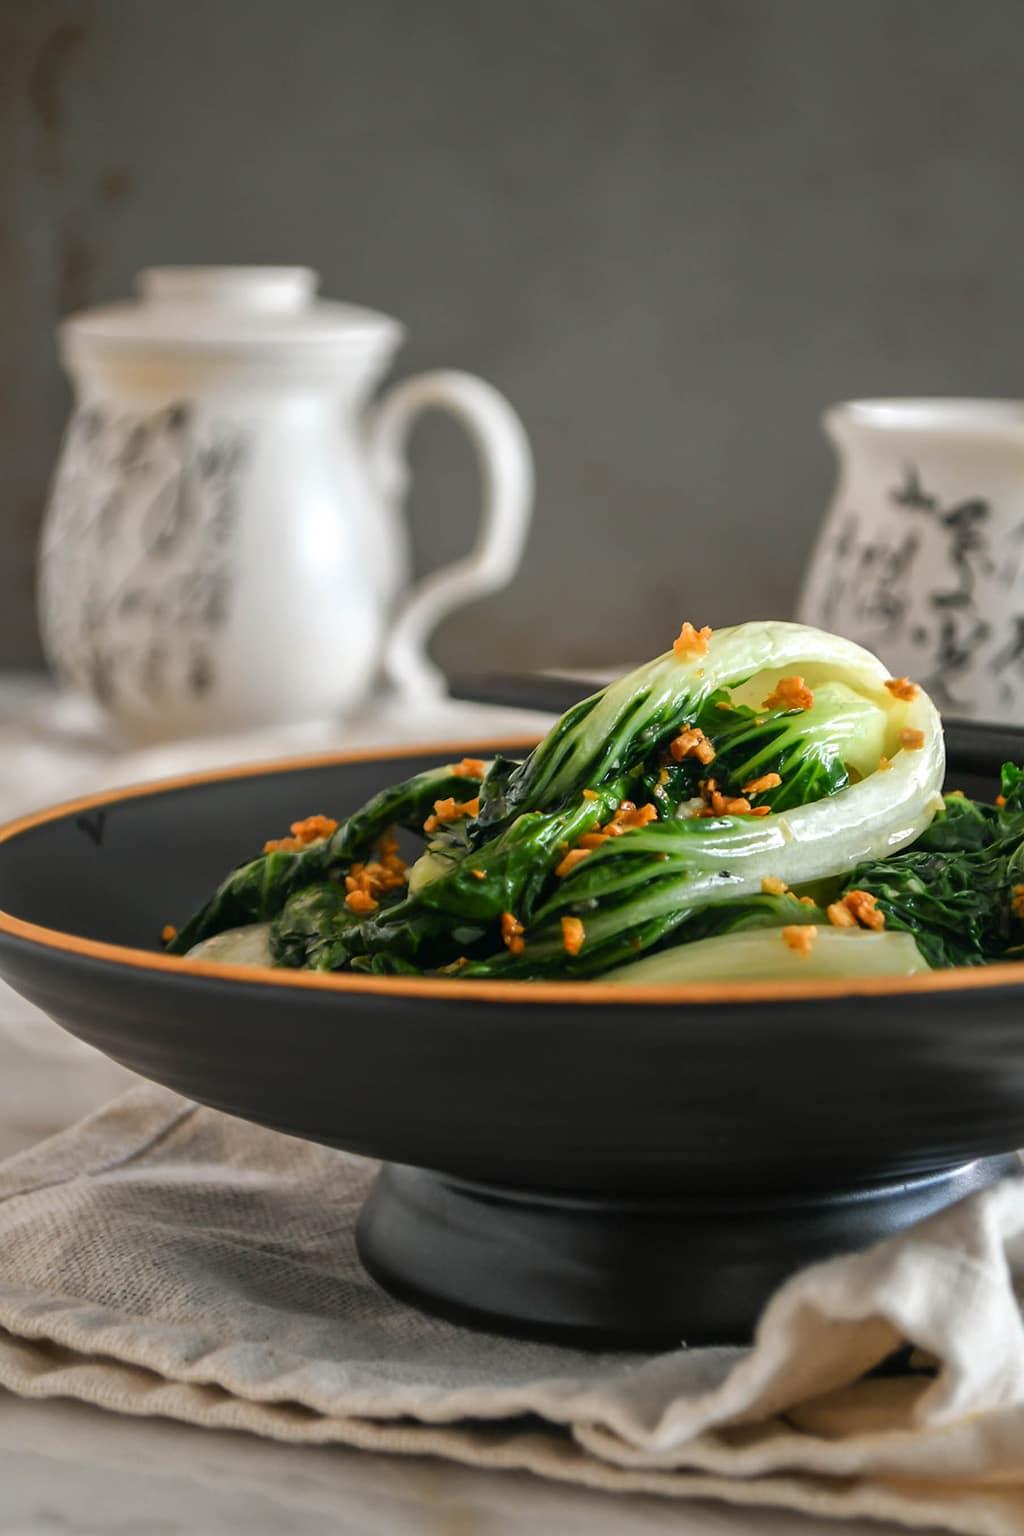 Stir-fried Nai Bai with Garlic